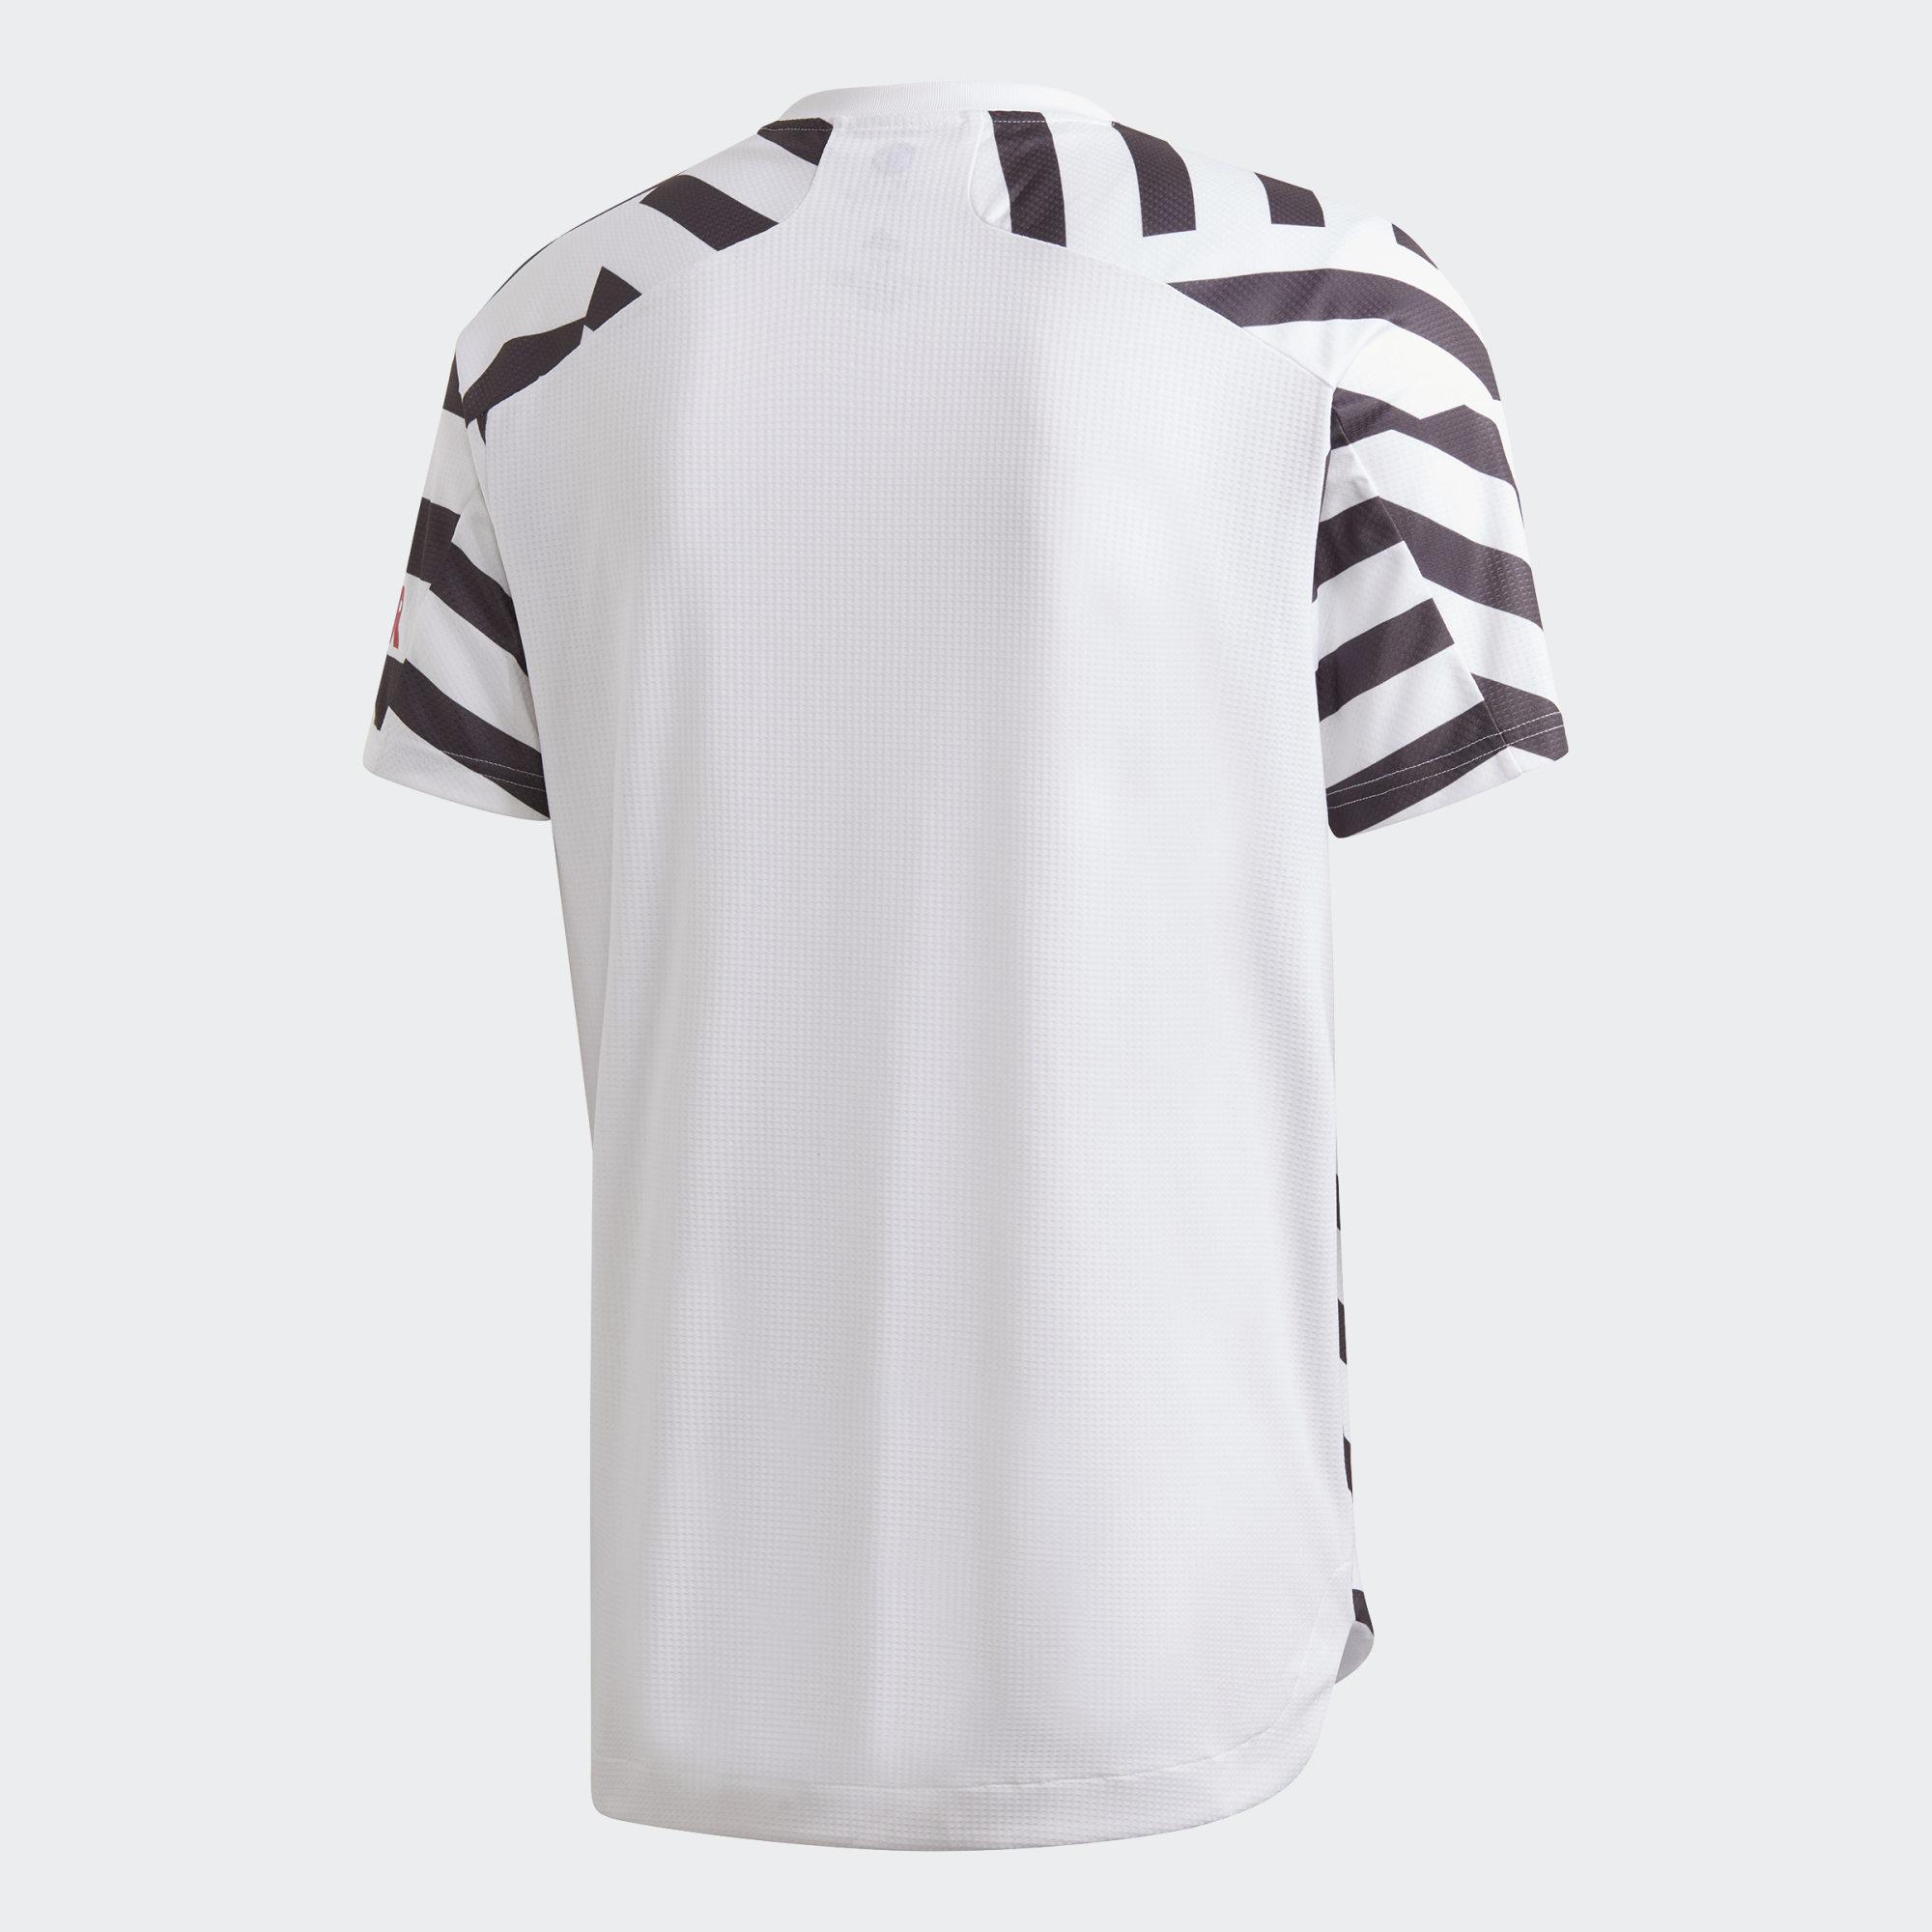 Manchester United 2020 21 Adidas Third Kit 20 21 Kits Football Shirt Blog